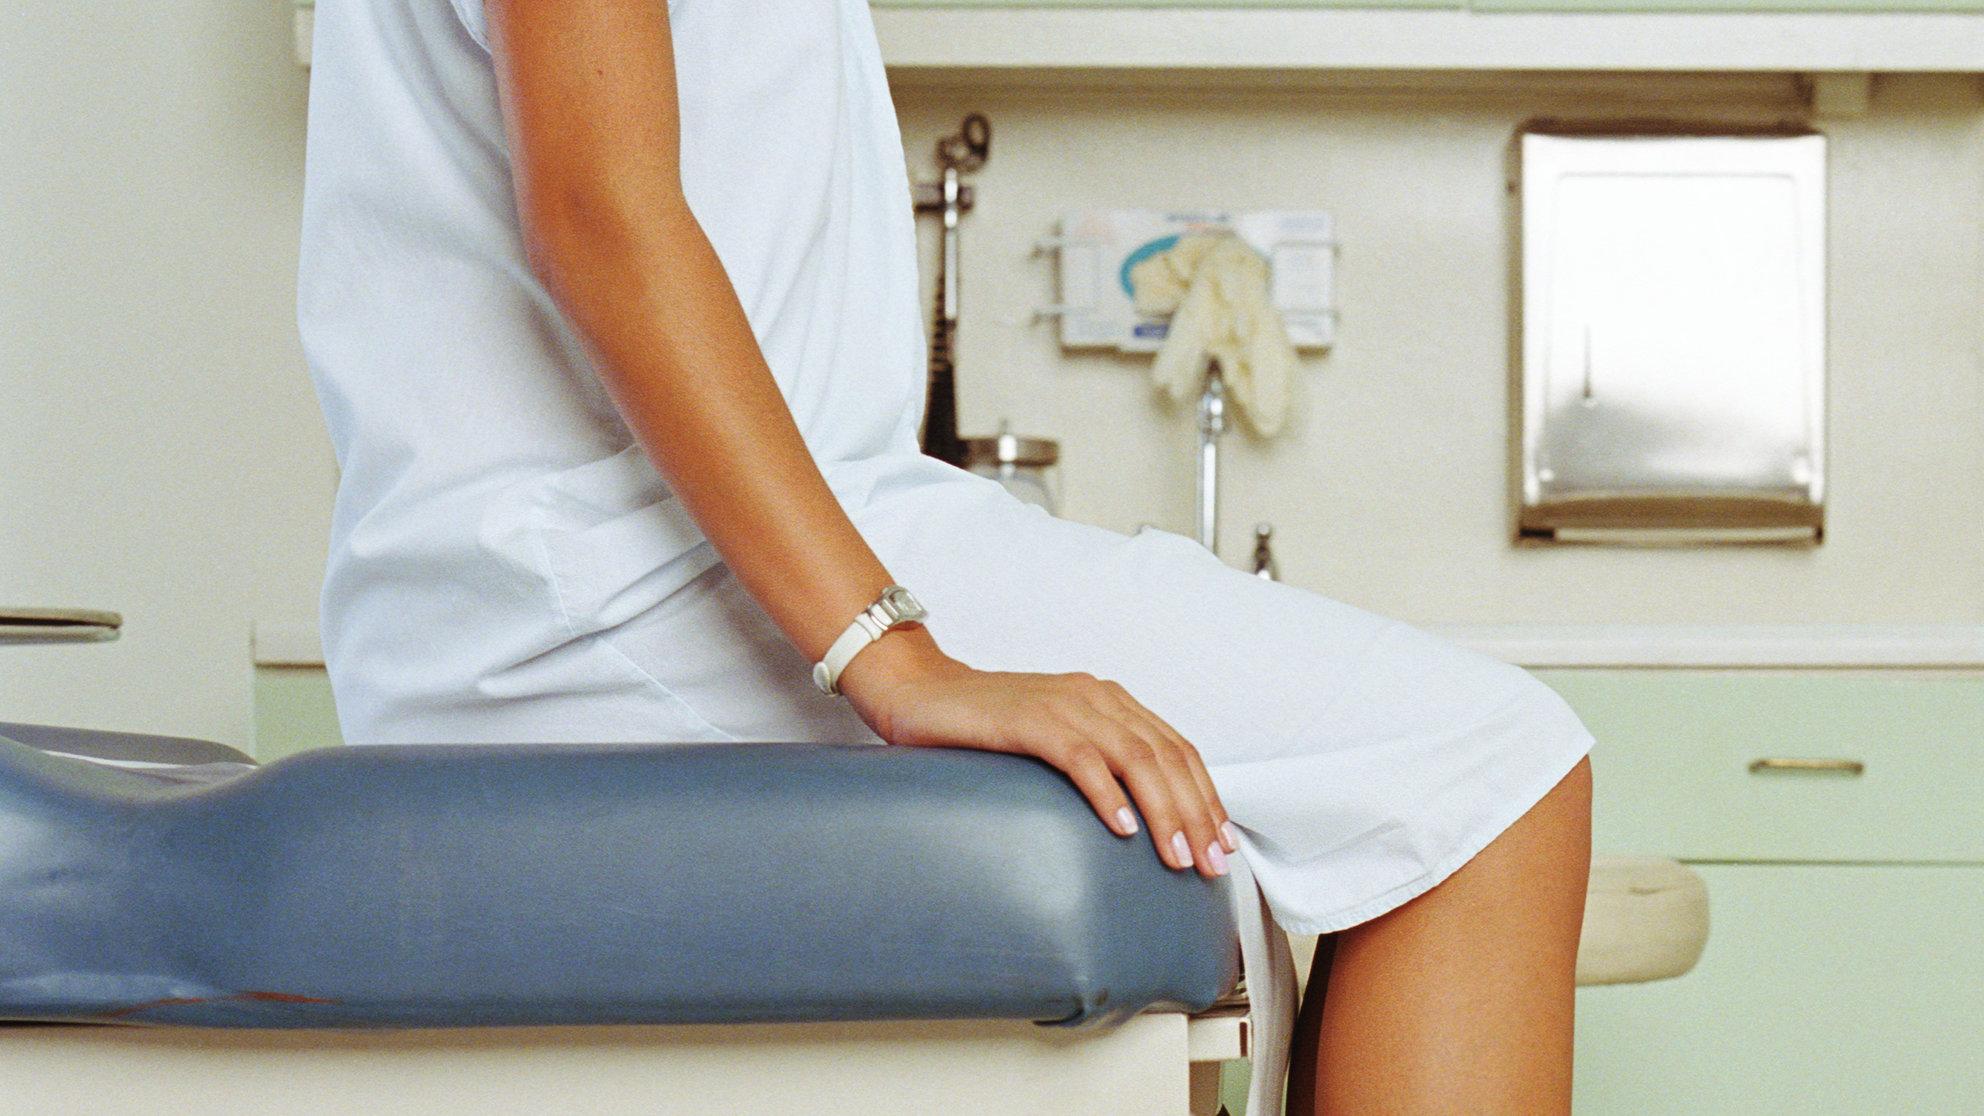 Диагностика и лечение рака вульвы на любой стадии